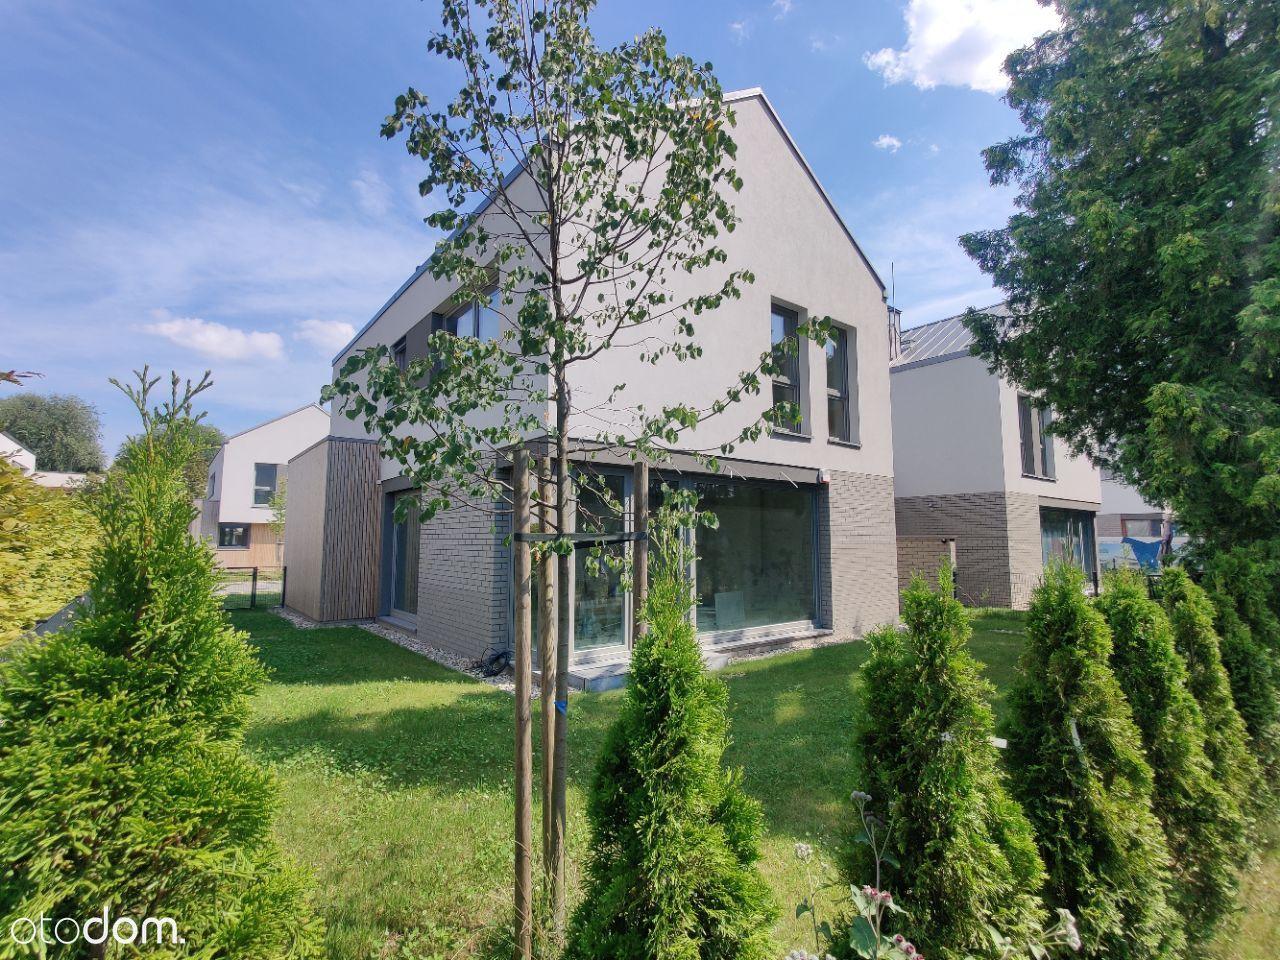 Dom z garażem na Ursynowie 182.36 m2